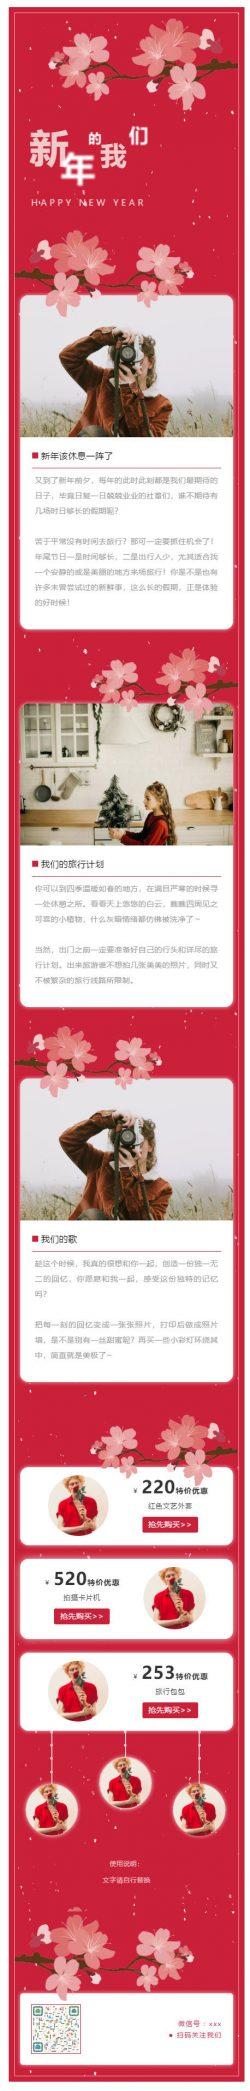 电商微商新年微信推送素材 春节公众号推文模板产品推荐超市